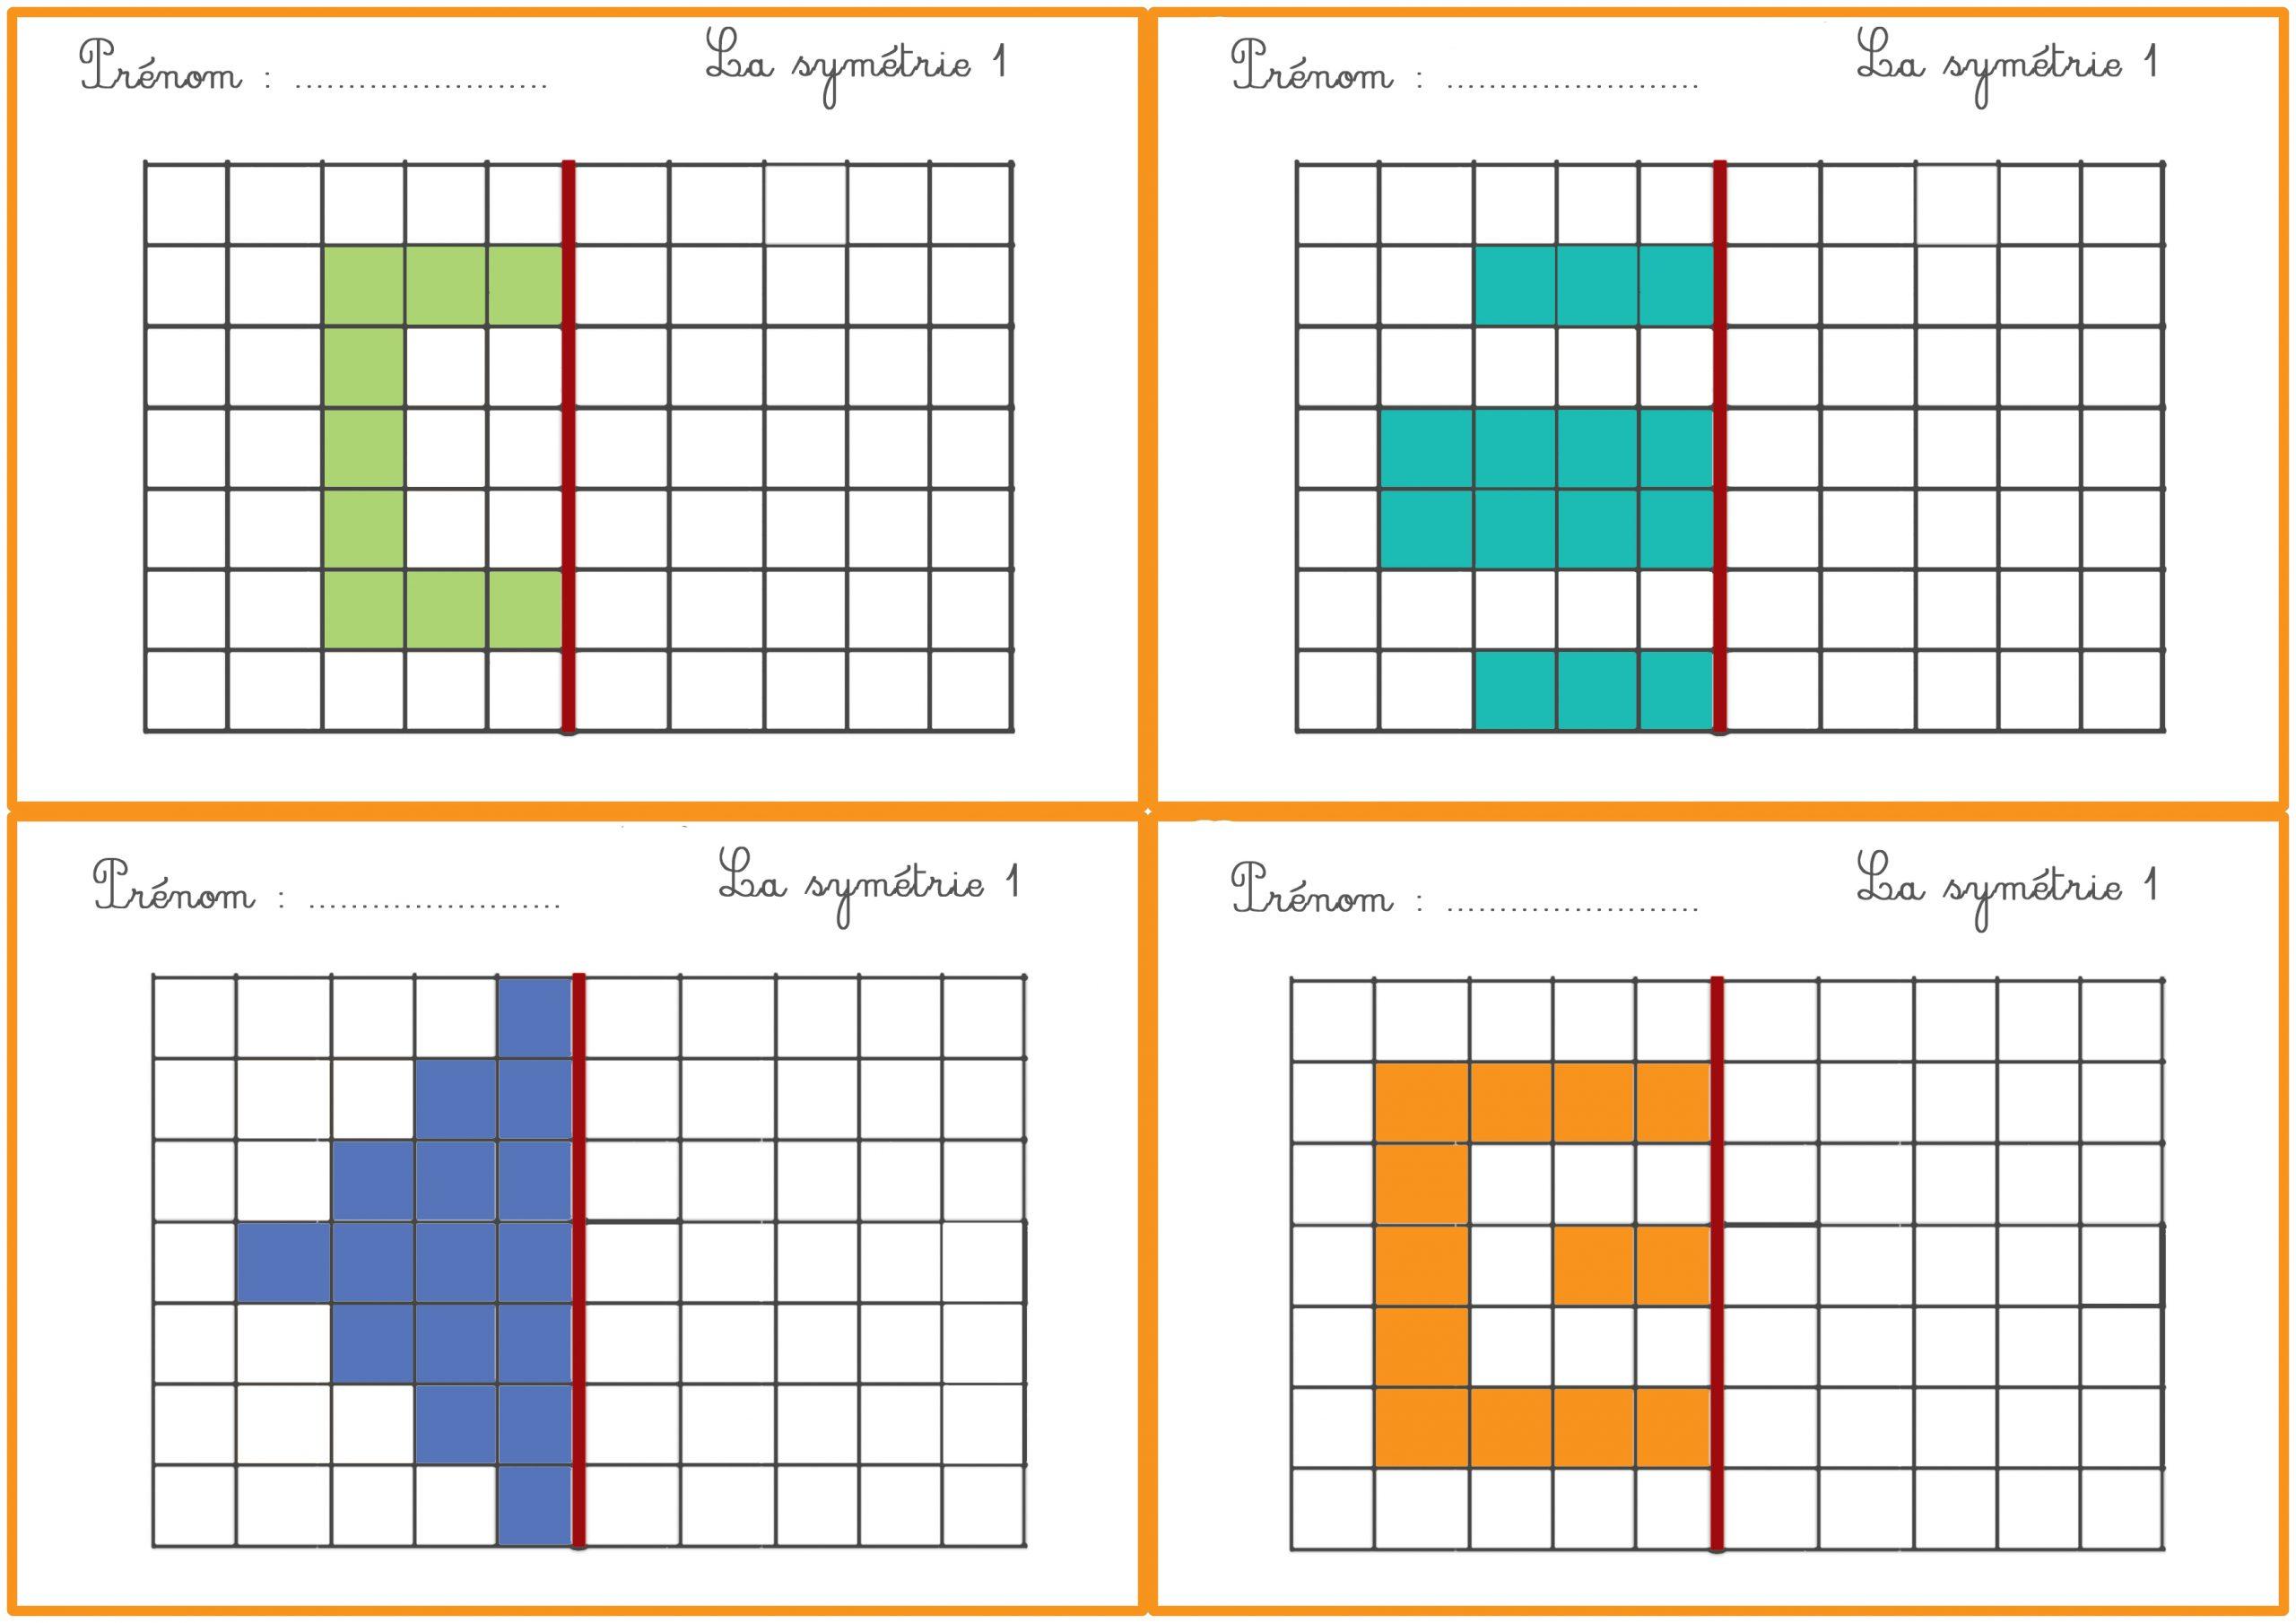 La Symétrie – Fiches Exercices Cp/ce1 tout Exercice Symétrie Ce1